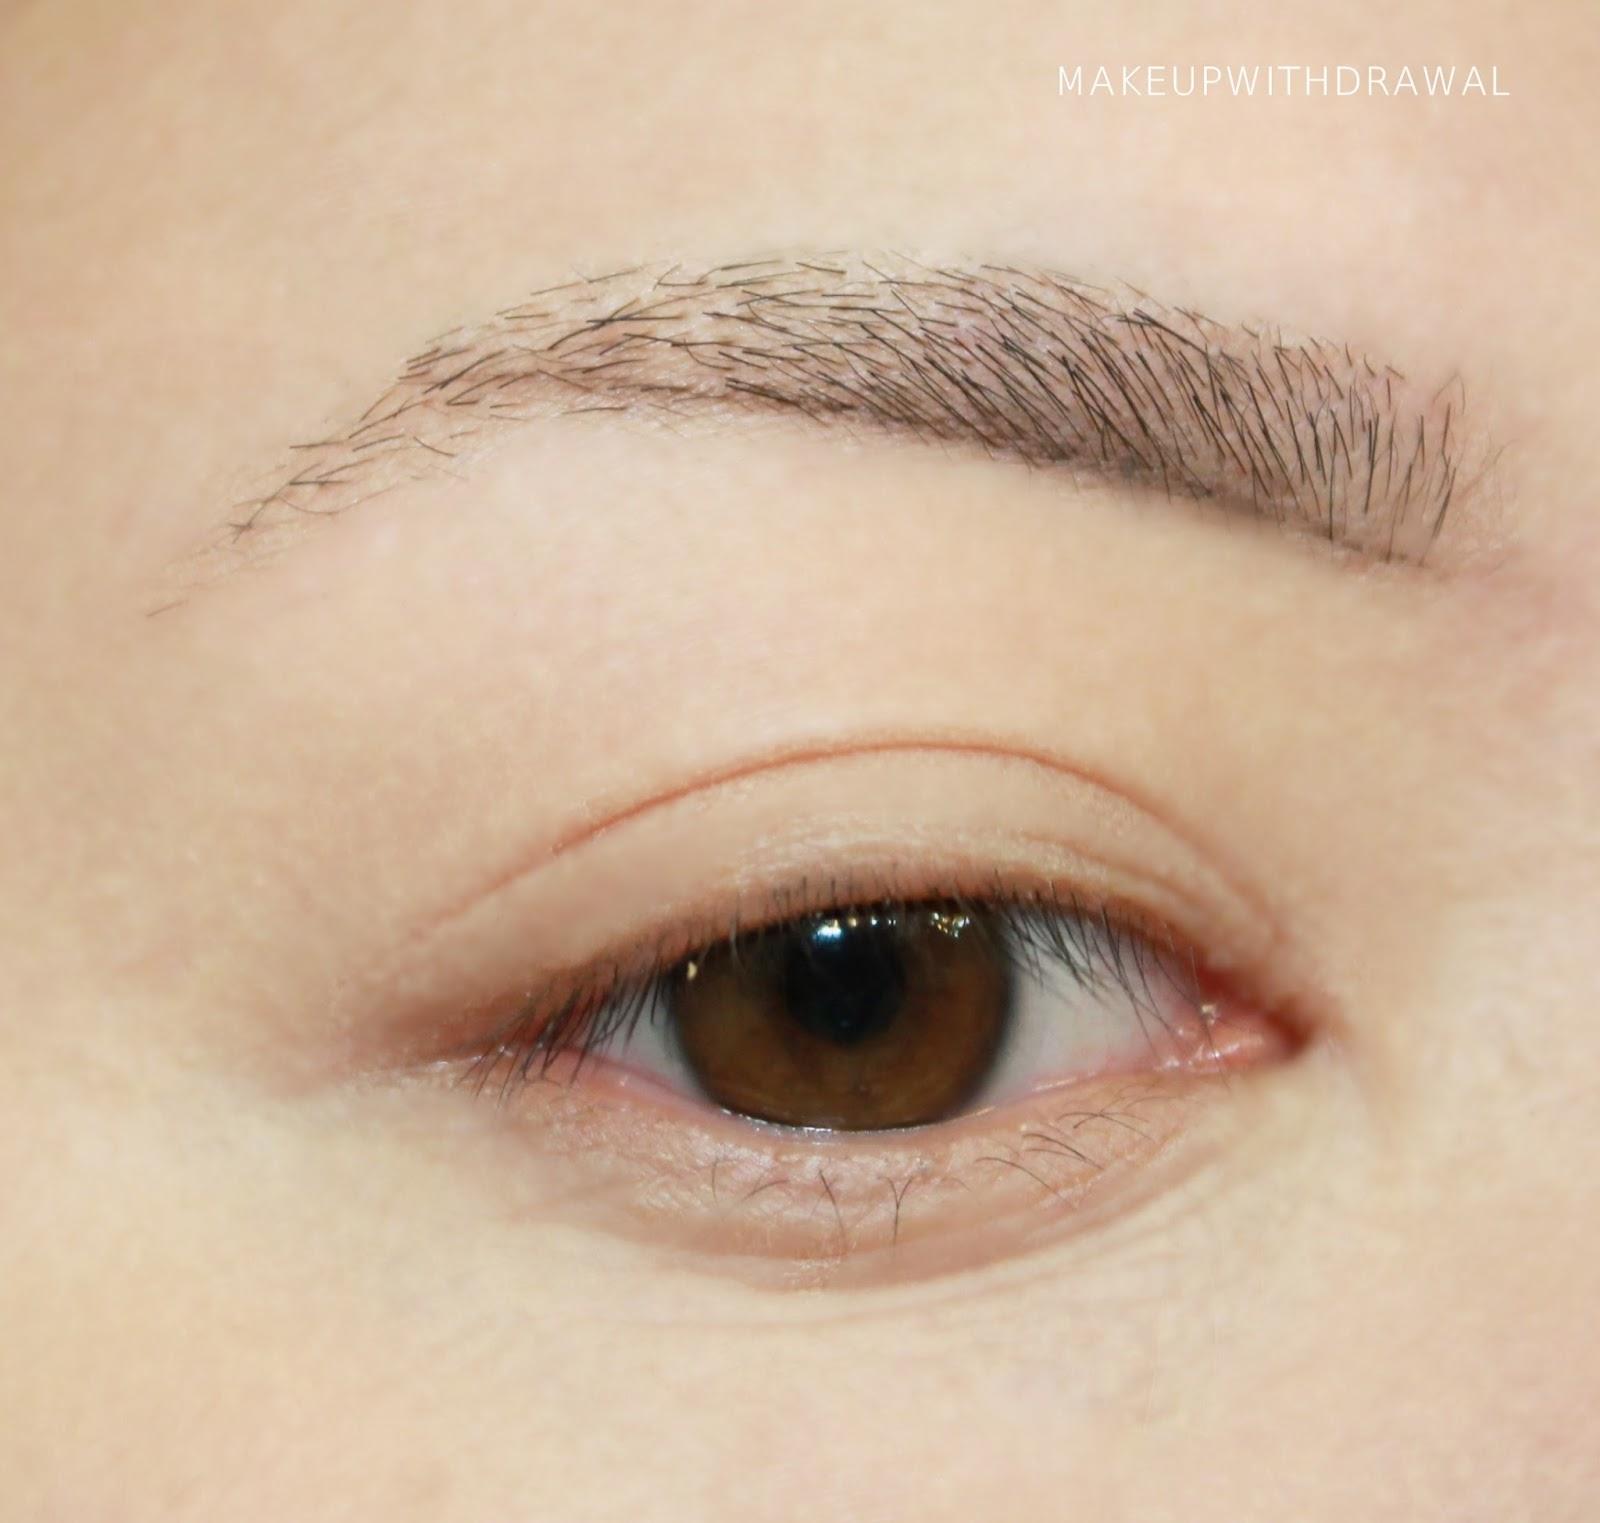 Natural Brow Tutorial Makeup Withdrawal